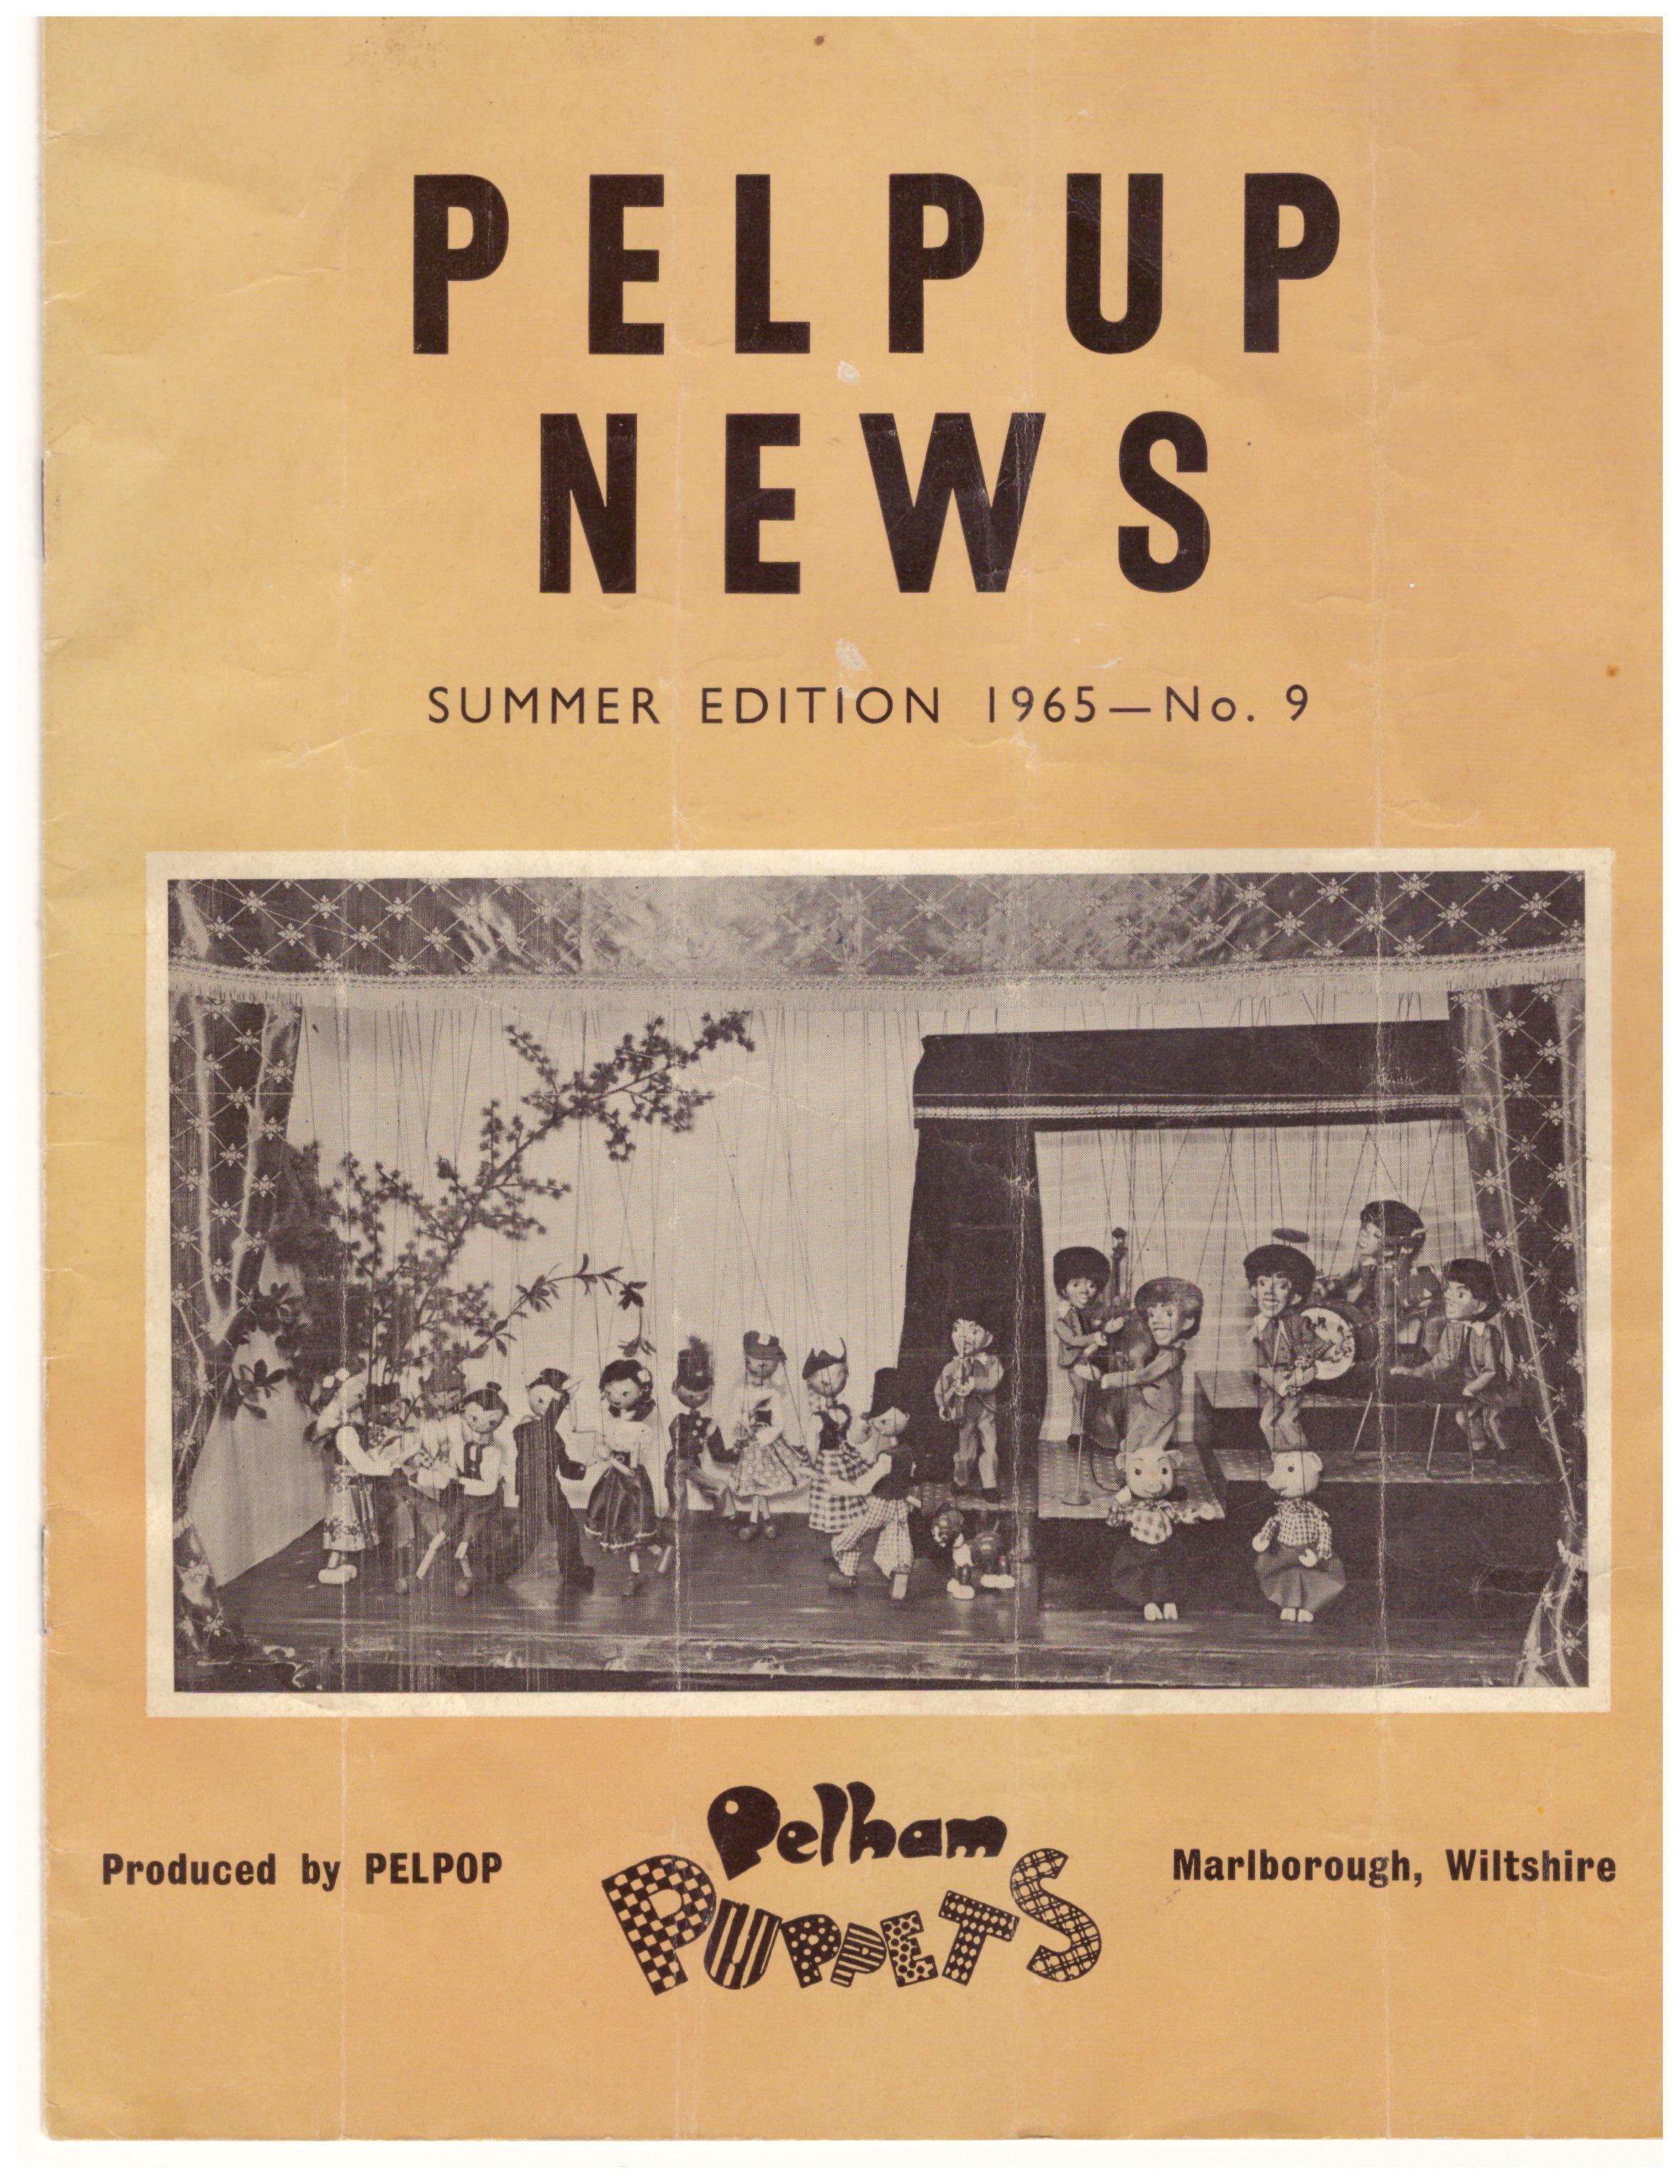 Summer Edition 1965 - No 9